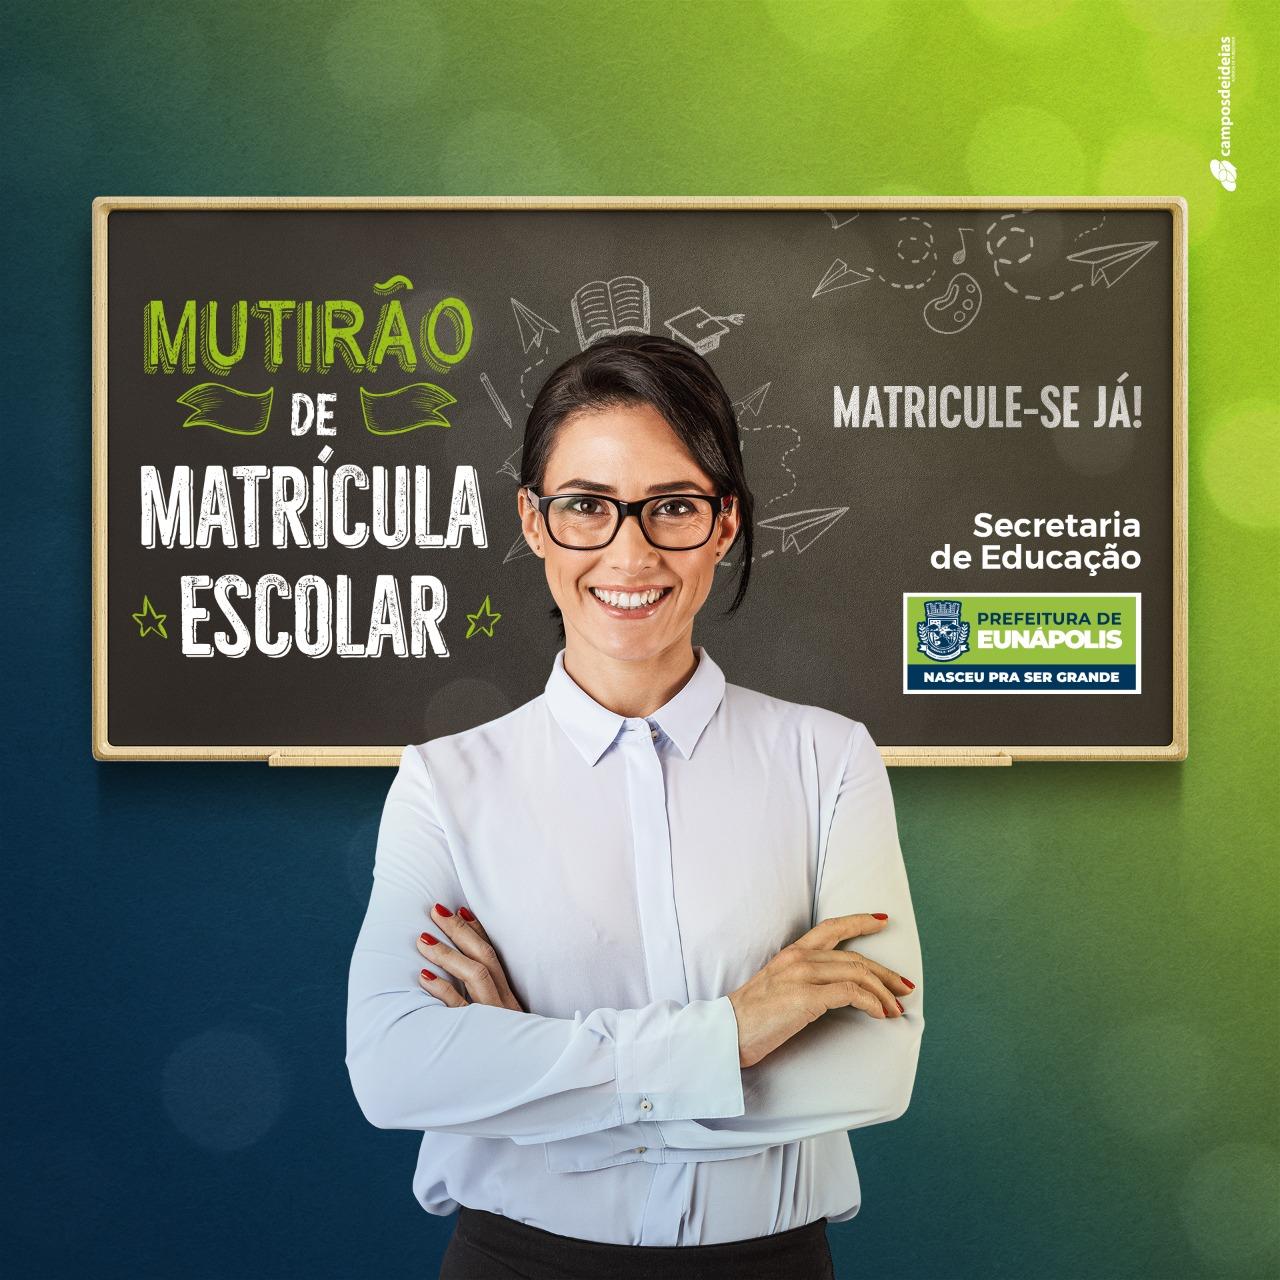 Secretaria de Educação prorroga período de matrículas na rede municipal de Eunápolis 18